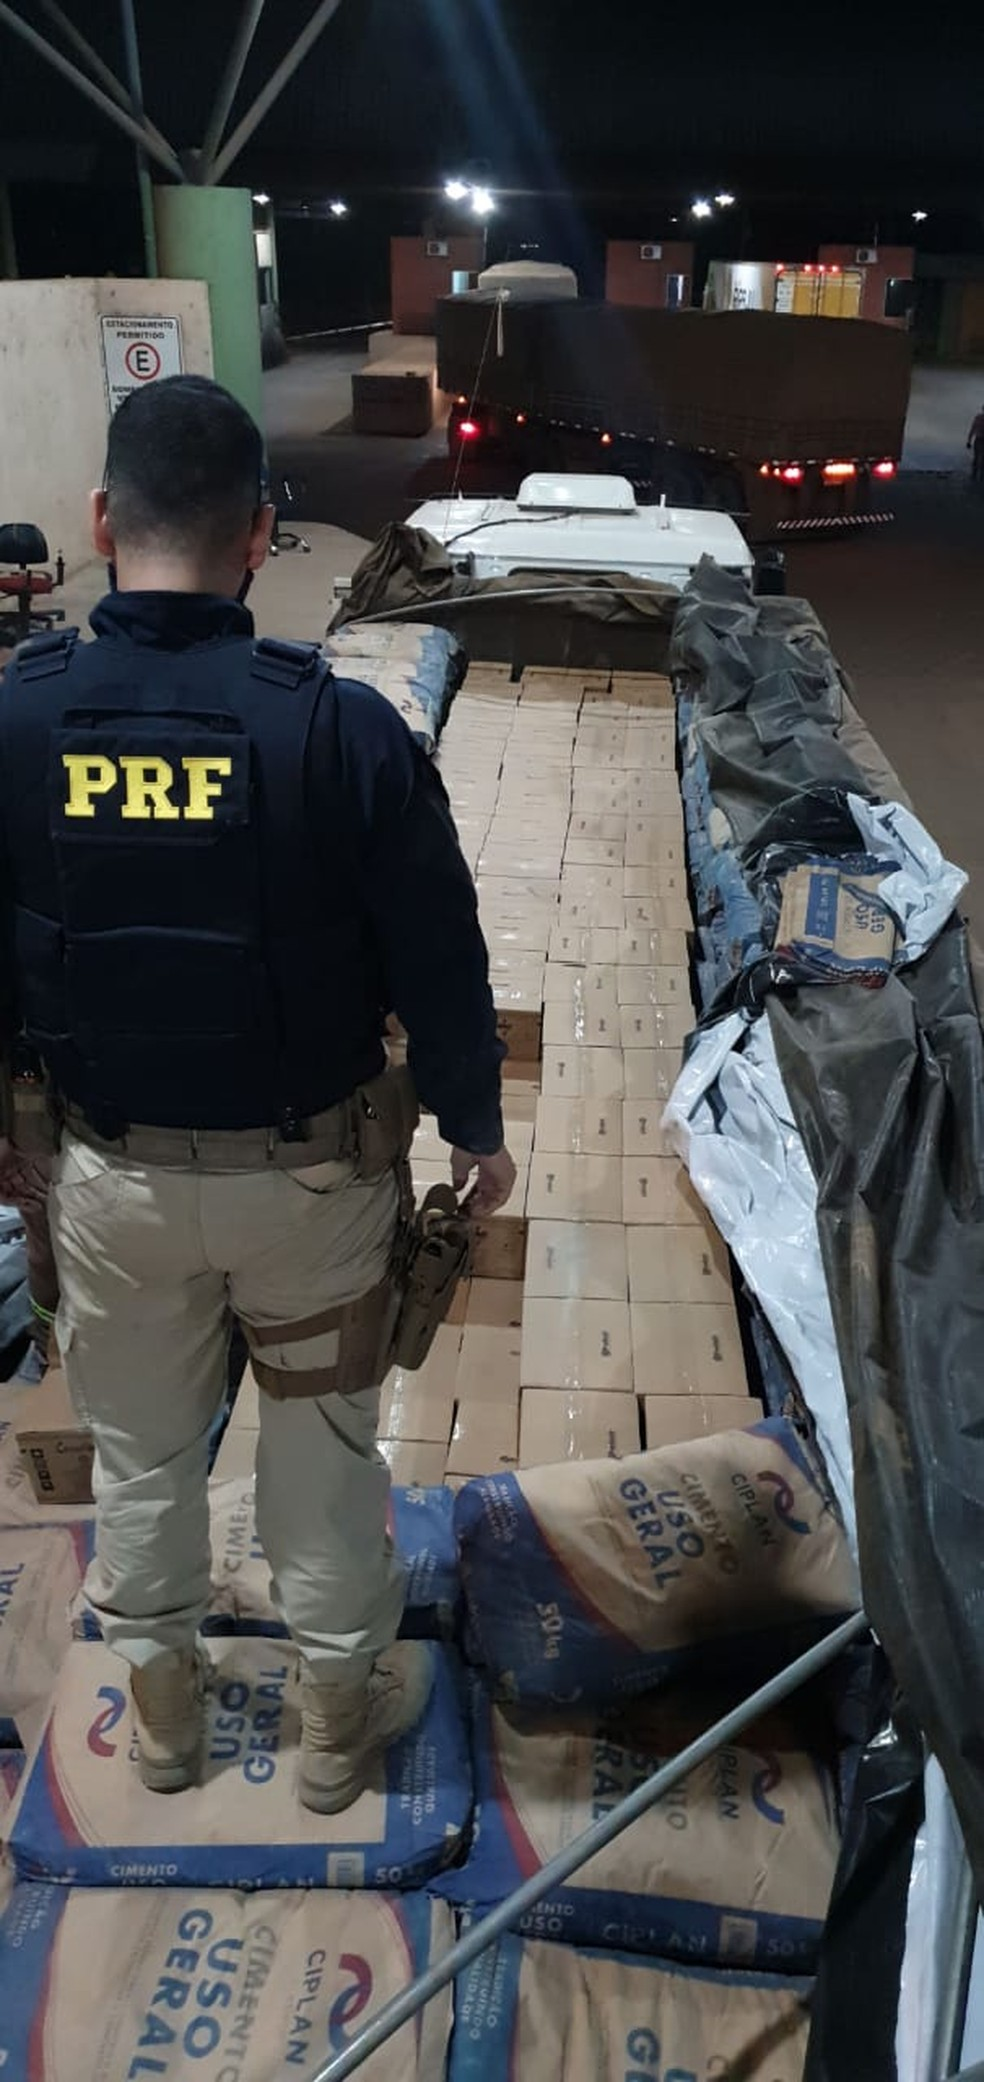 Carga de cachaça foi apreendida e levada à Sefin — Foto: PRF/Divulgação